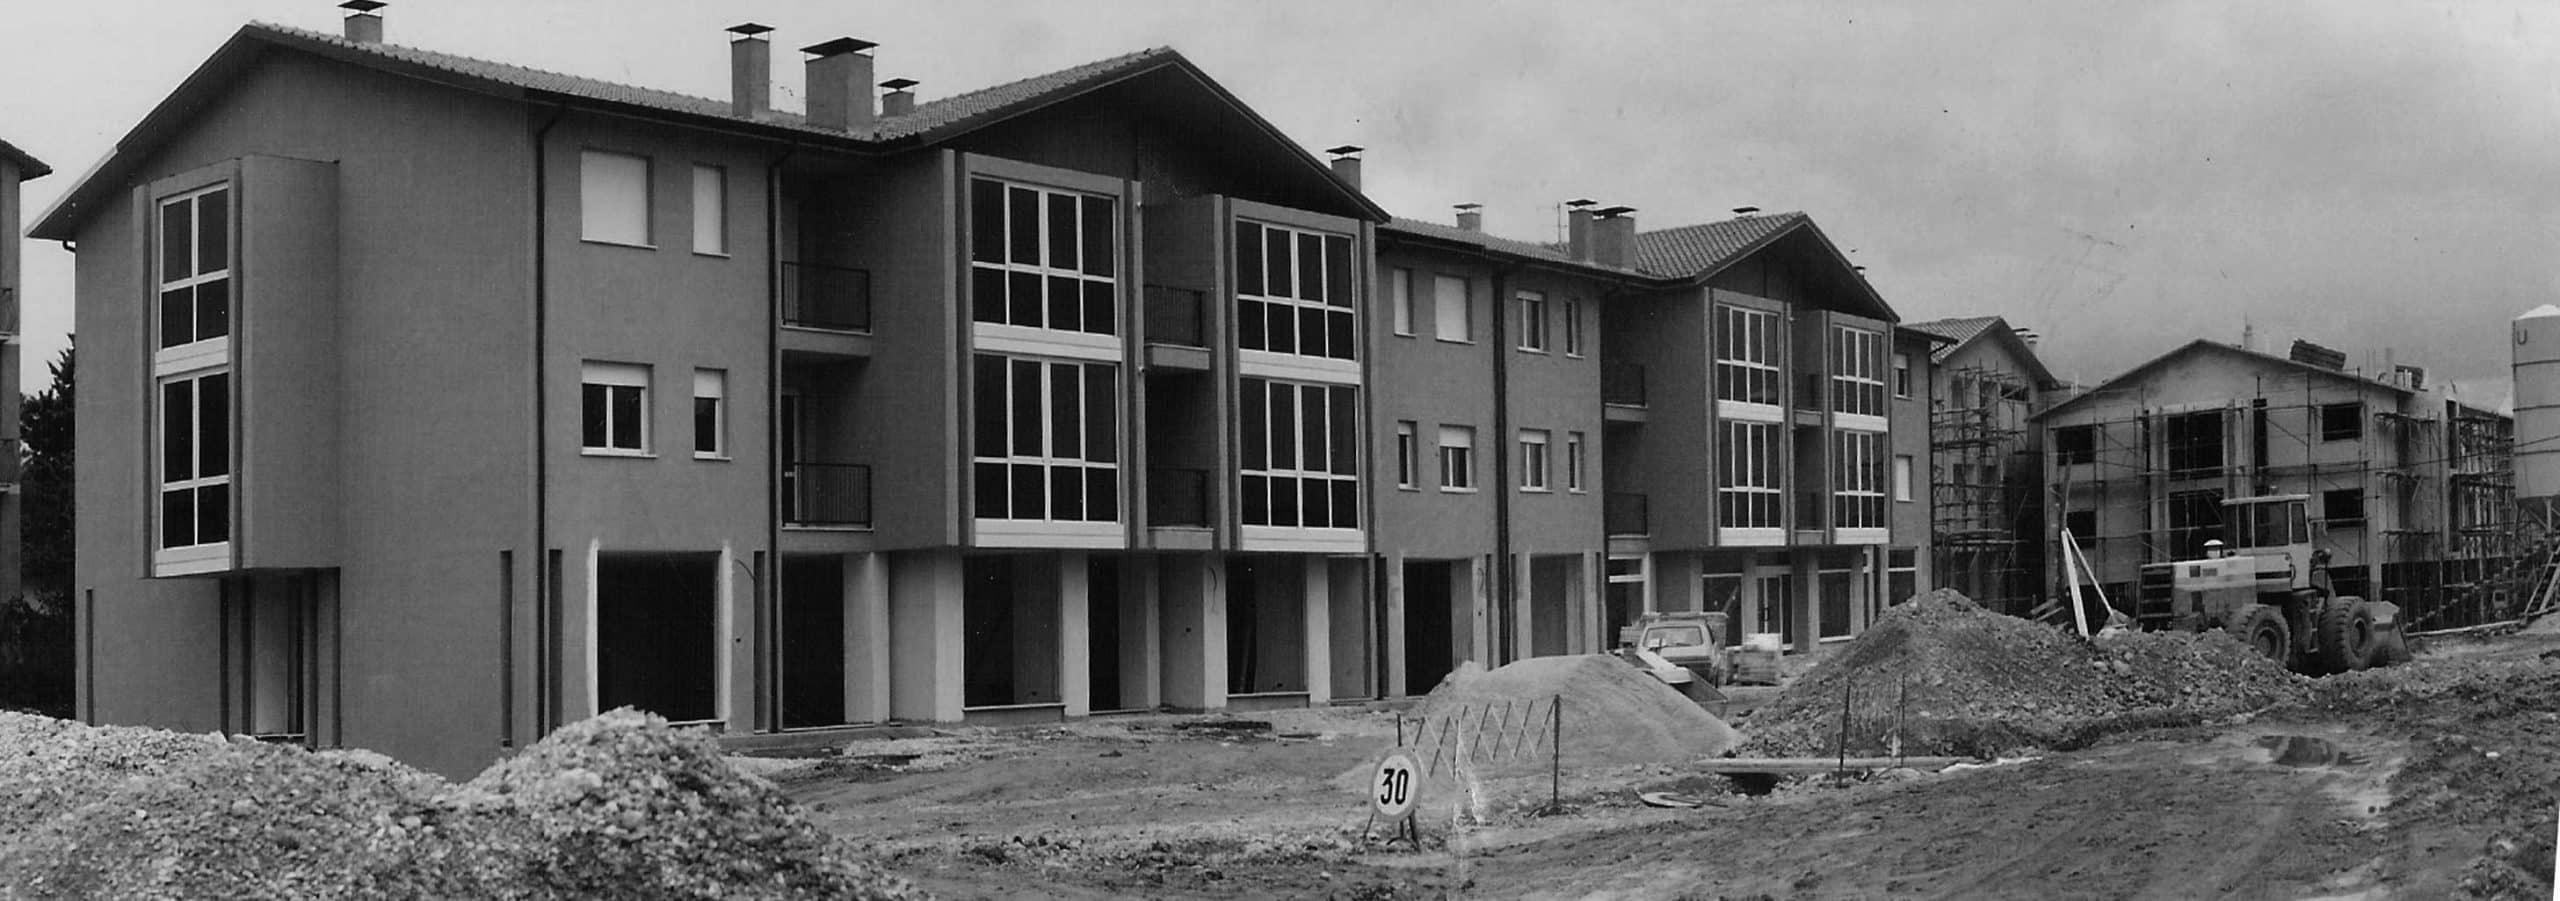 14_Edificio-residenziale-Spoleto